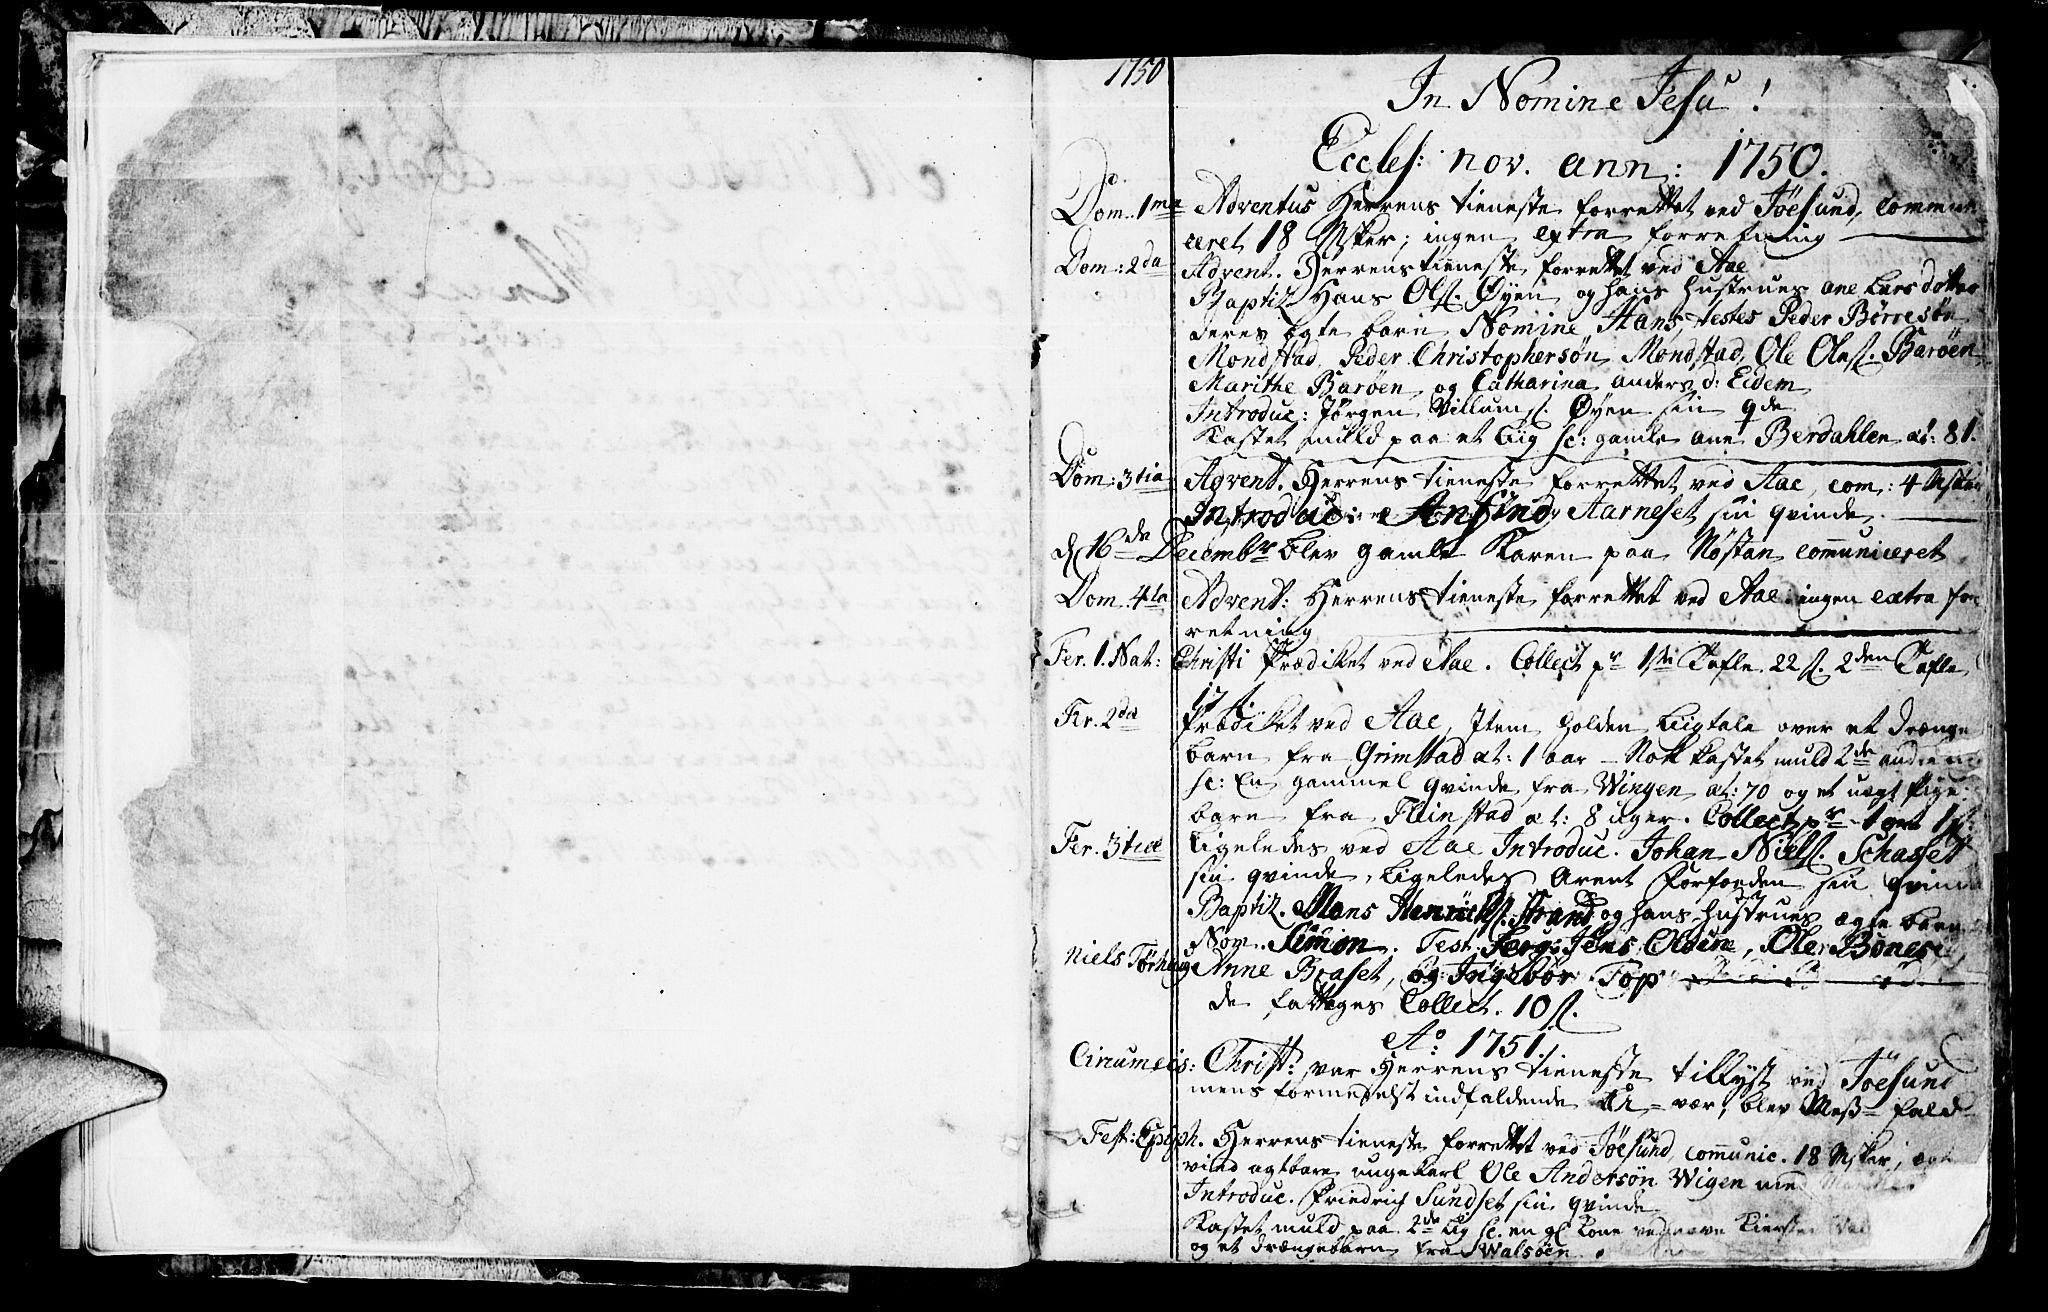 SAT, Ministerialprotokoller, klokkerbøker og fødselsregistre - Sør-Trøndelag, 655/L0672: Ministerialbok nr. 655A01, 1750-1779, s. 2-3